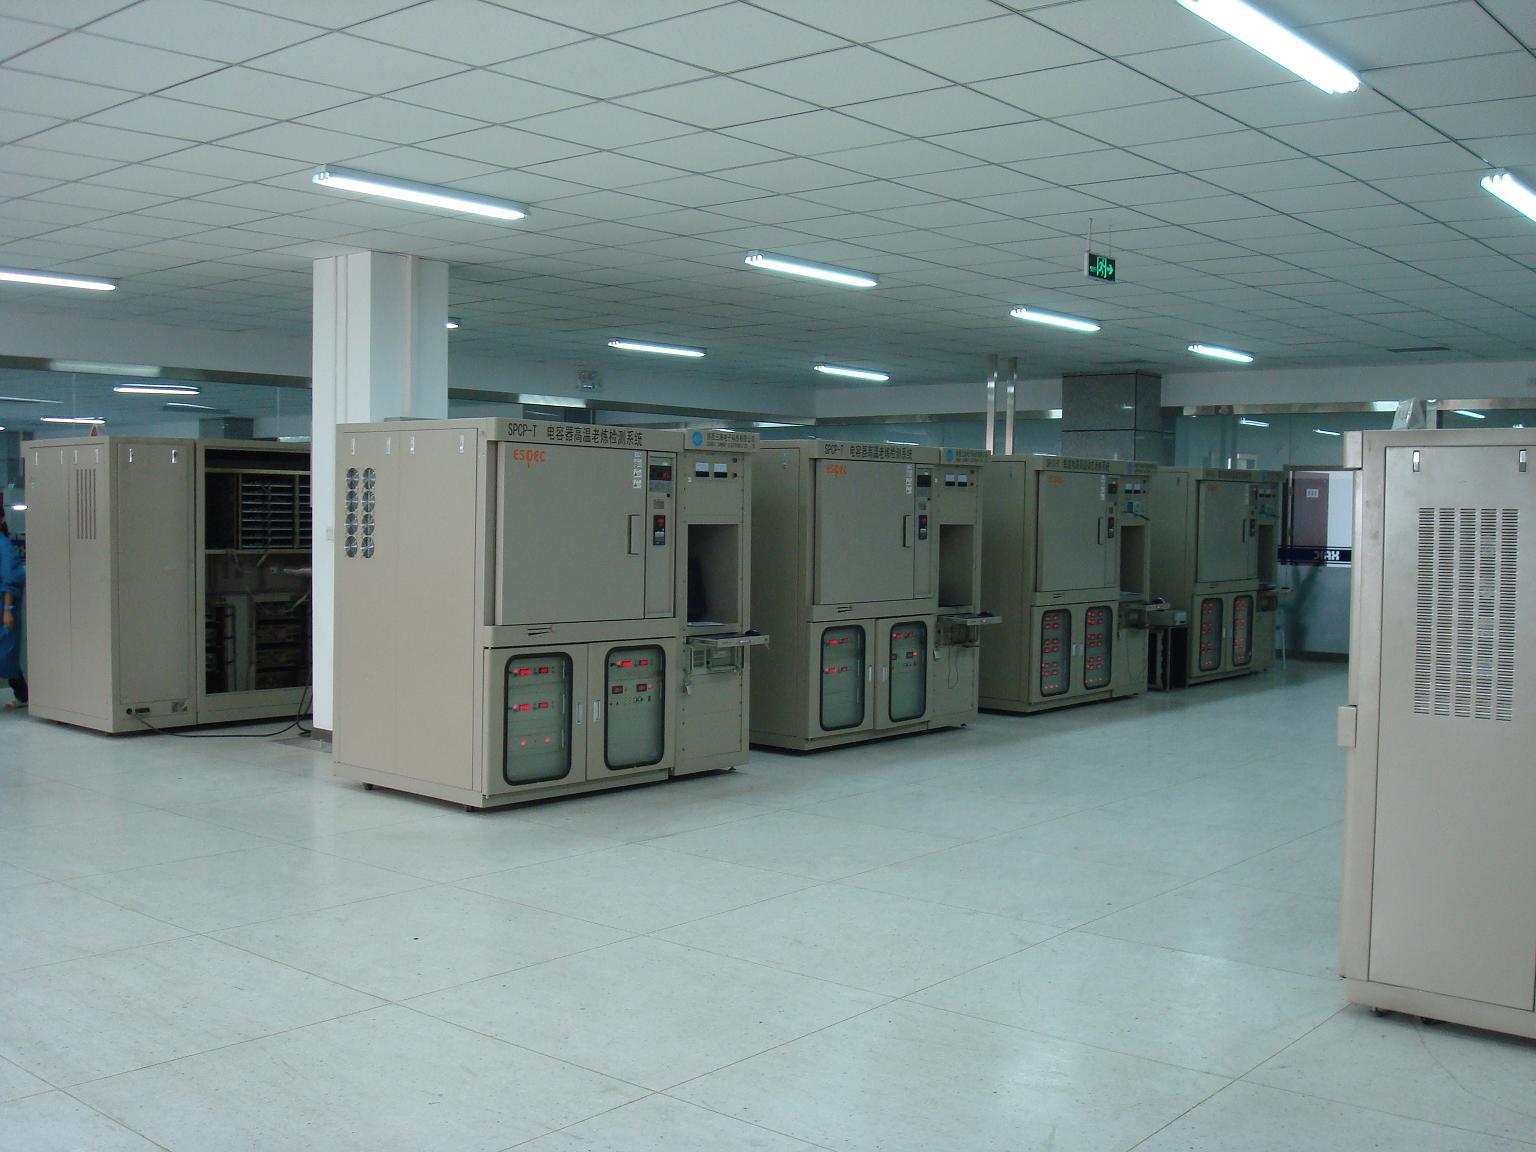 规模集成电路测试仪器)&